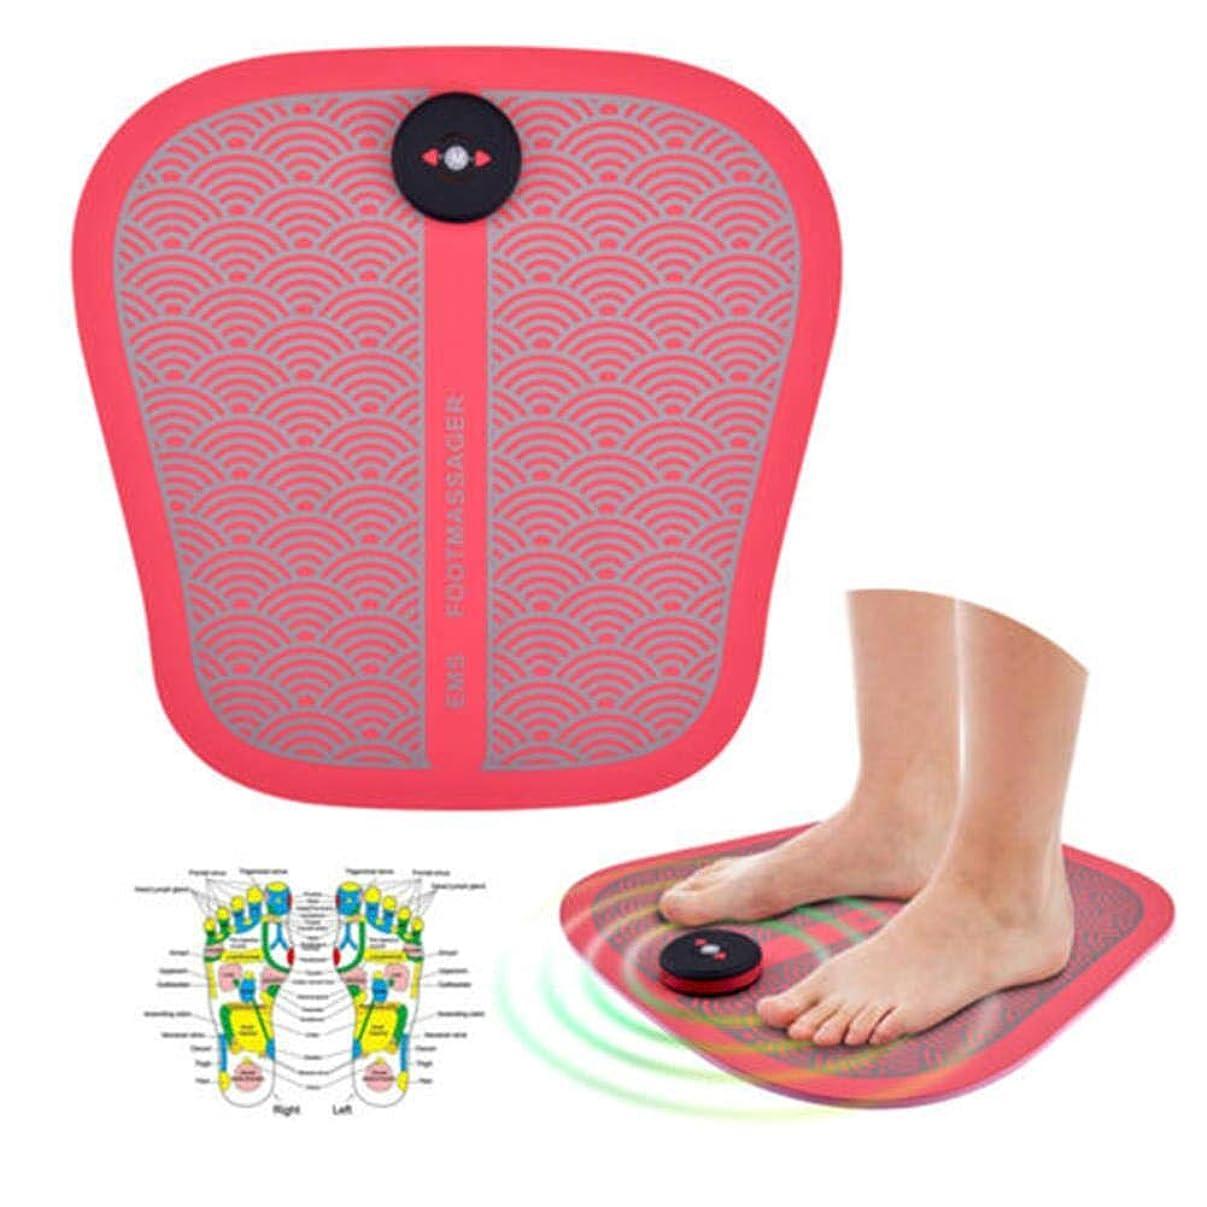 実証する恒久的寄生虫Cckrmフットマッサージディープティッシュニーディング、リモートコントロールフィートマッサージャー、切り替え可能な熱、指圧フットマッサージマシンは、ホームオフィスの足の痛みを和らげます